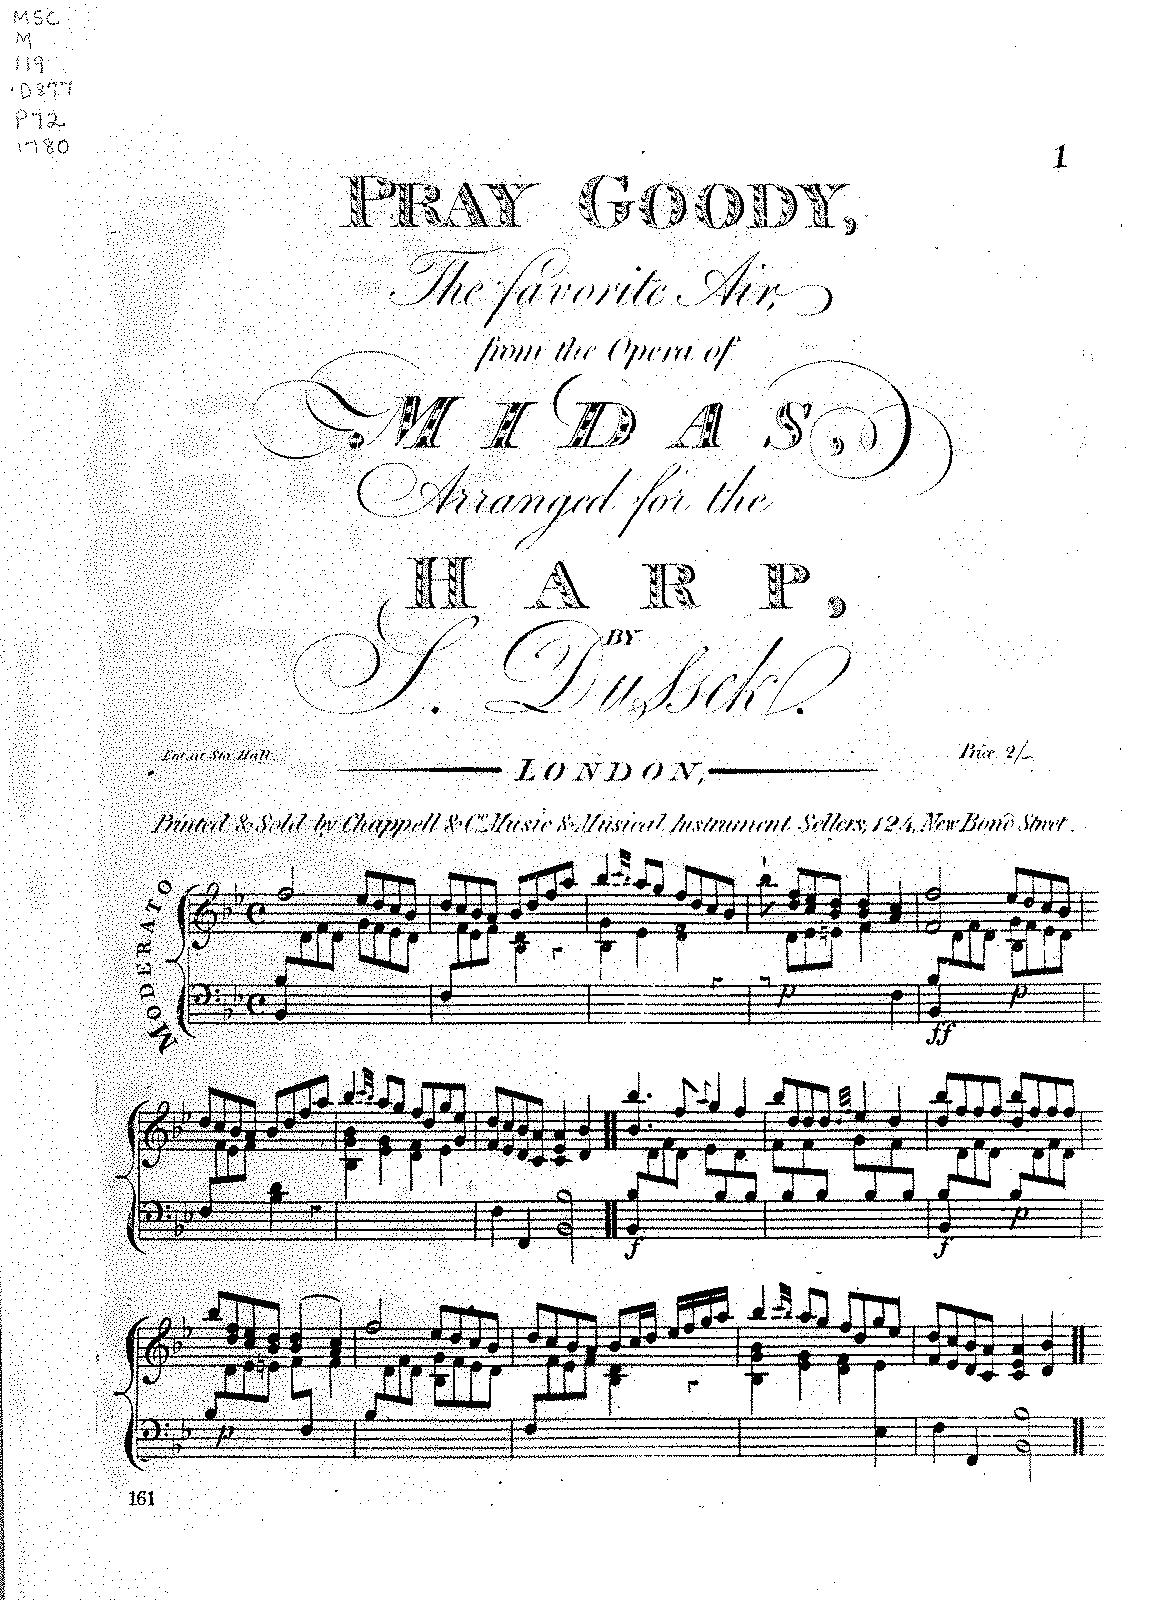 Variations on 'Pray Goody' (Dussek, Sophia) - IMSLP/Petrucci Music